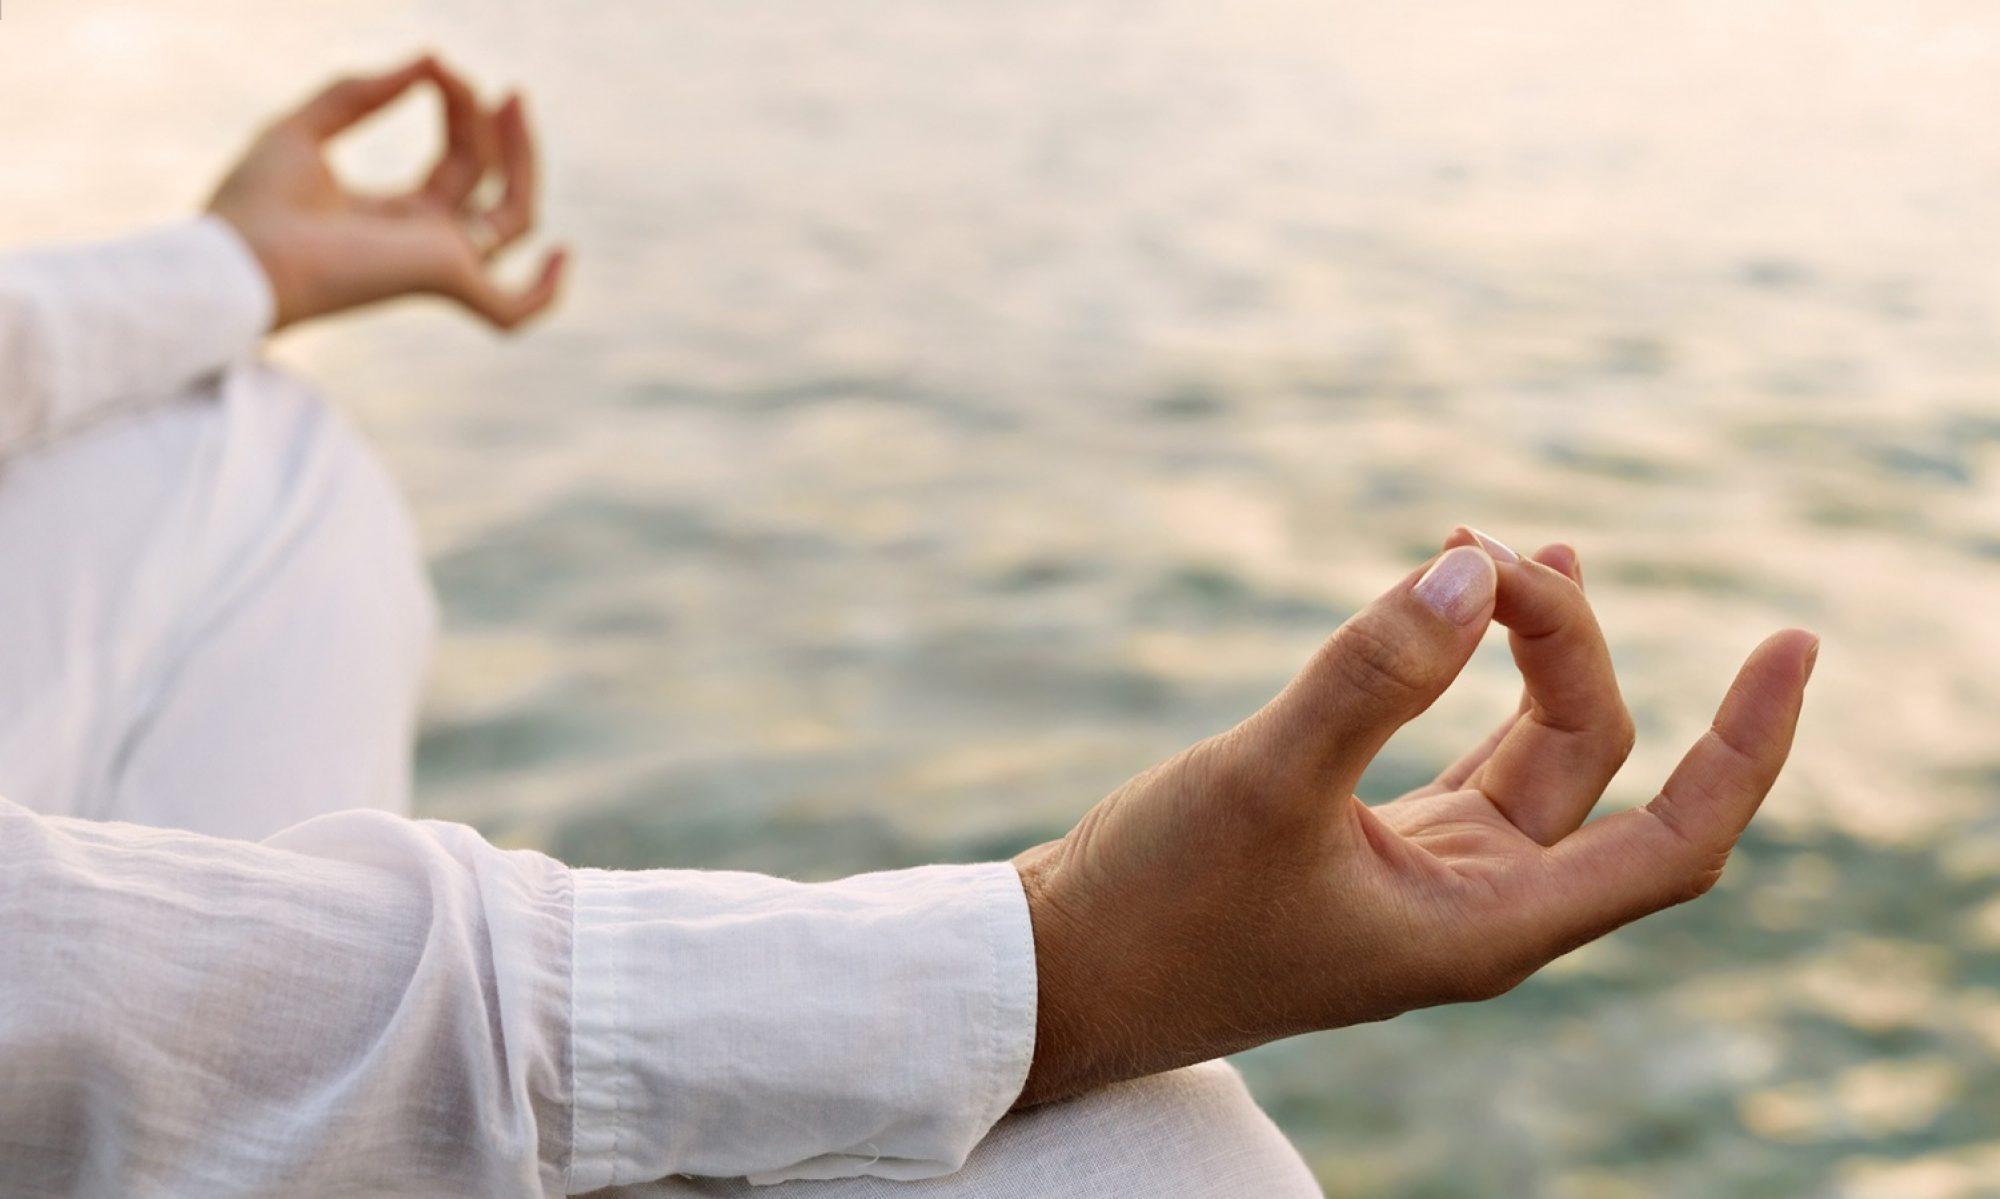 Meditatie levert voordelen op voor het lichaam en de geest - WoMagazine